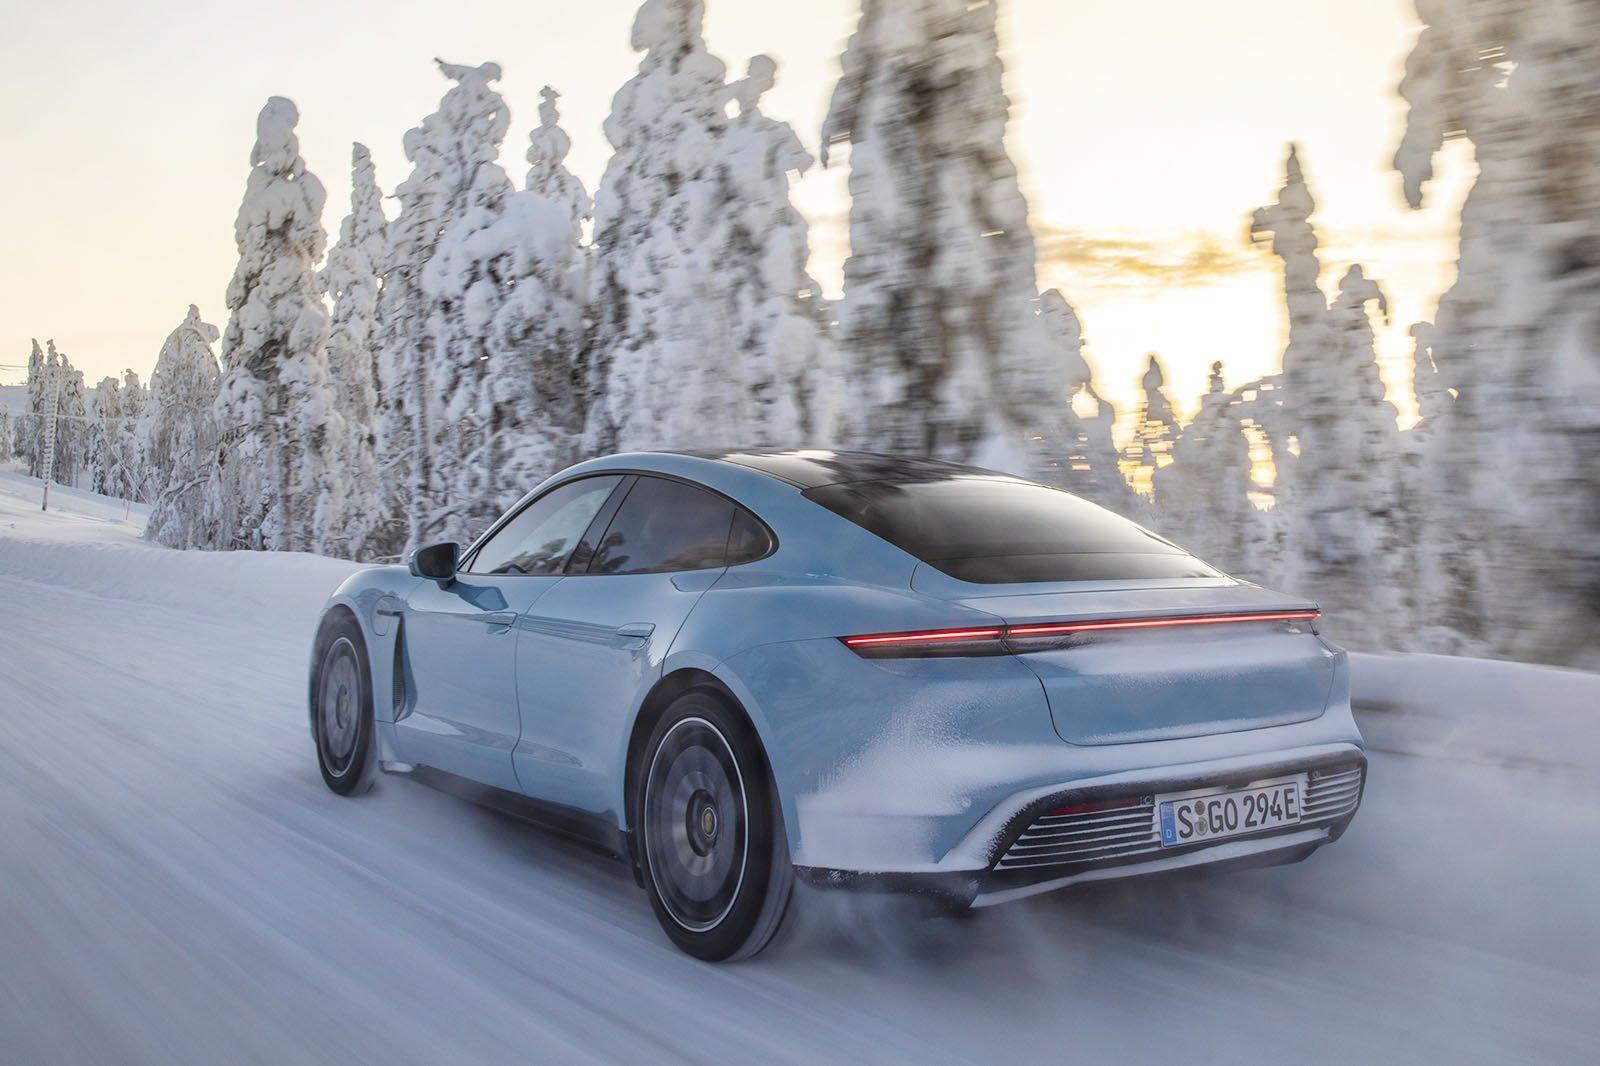 Porsche Taycan 4S rear in snow